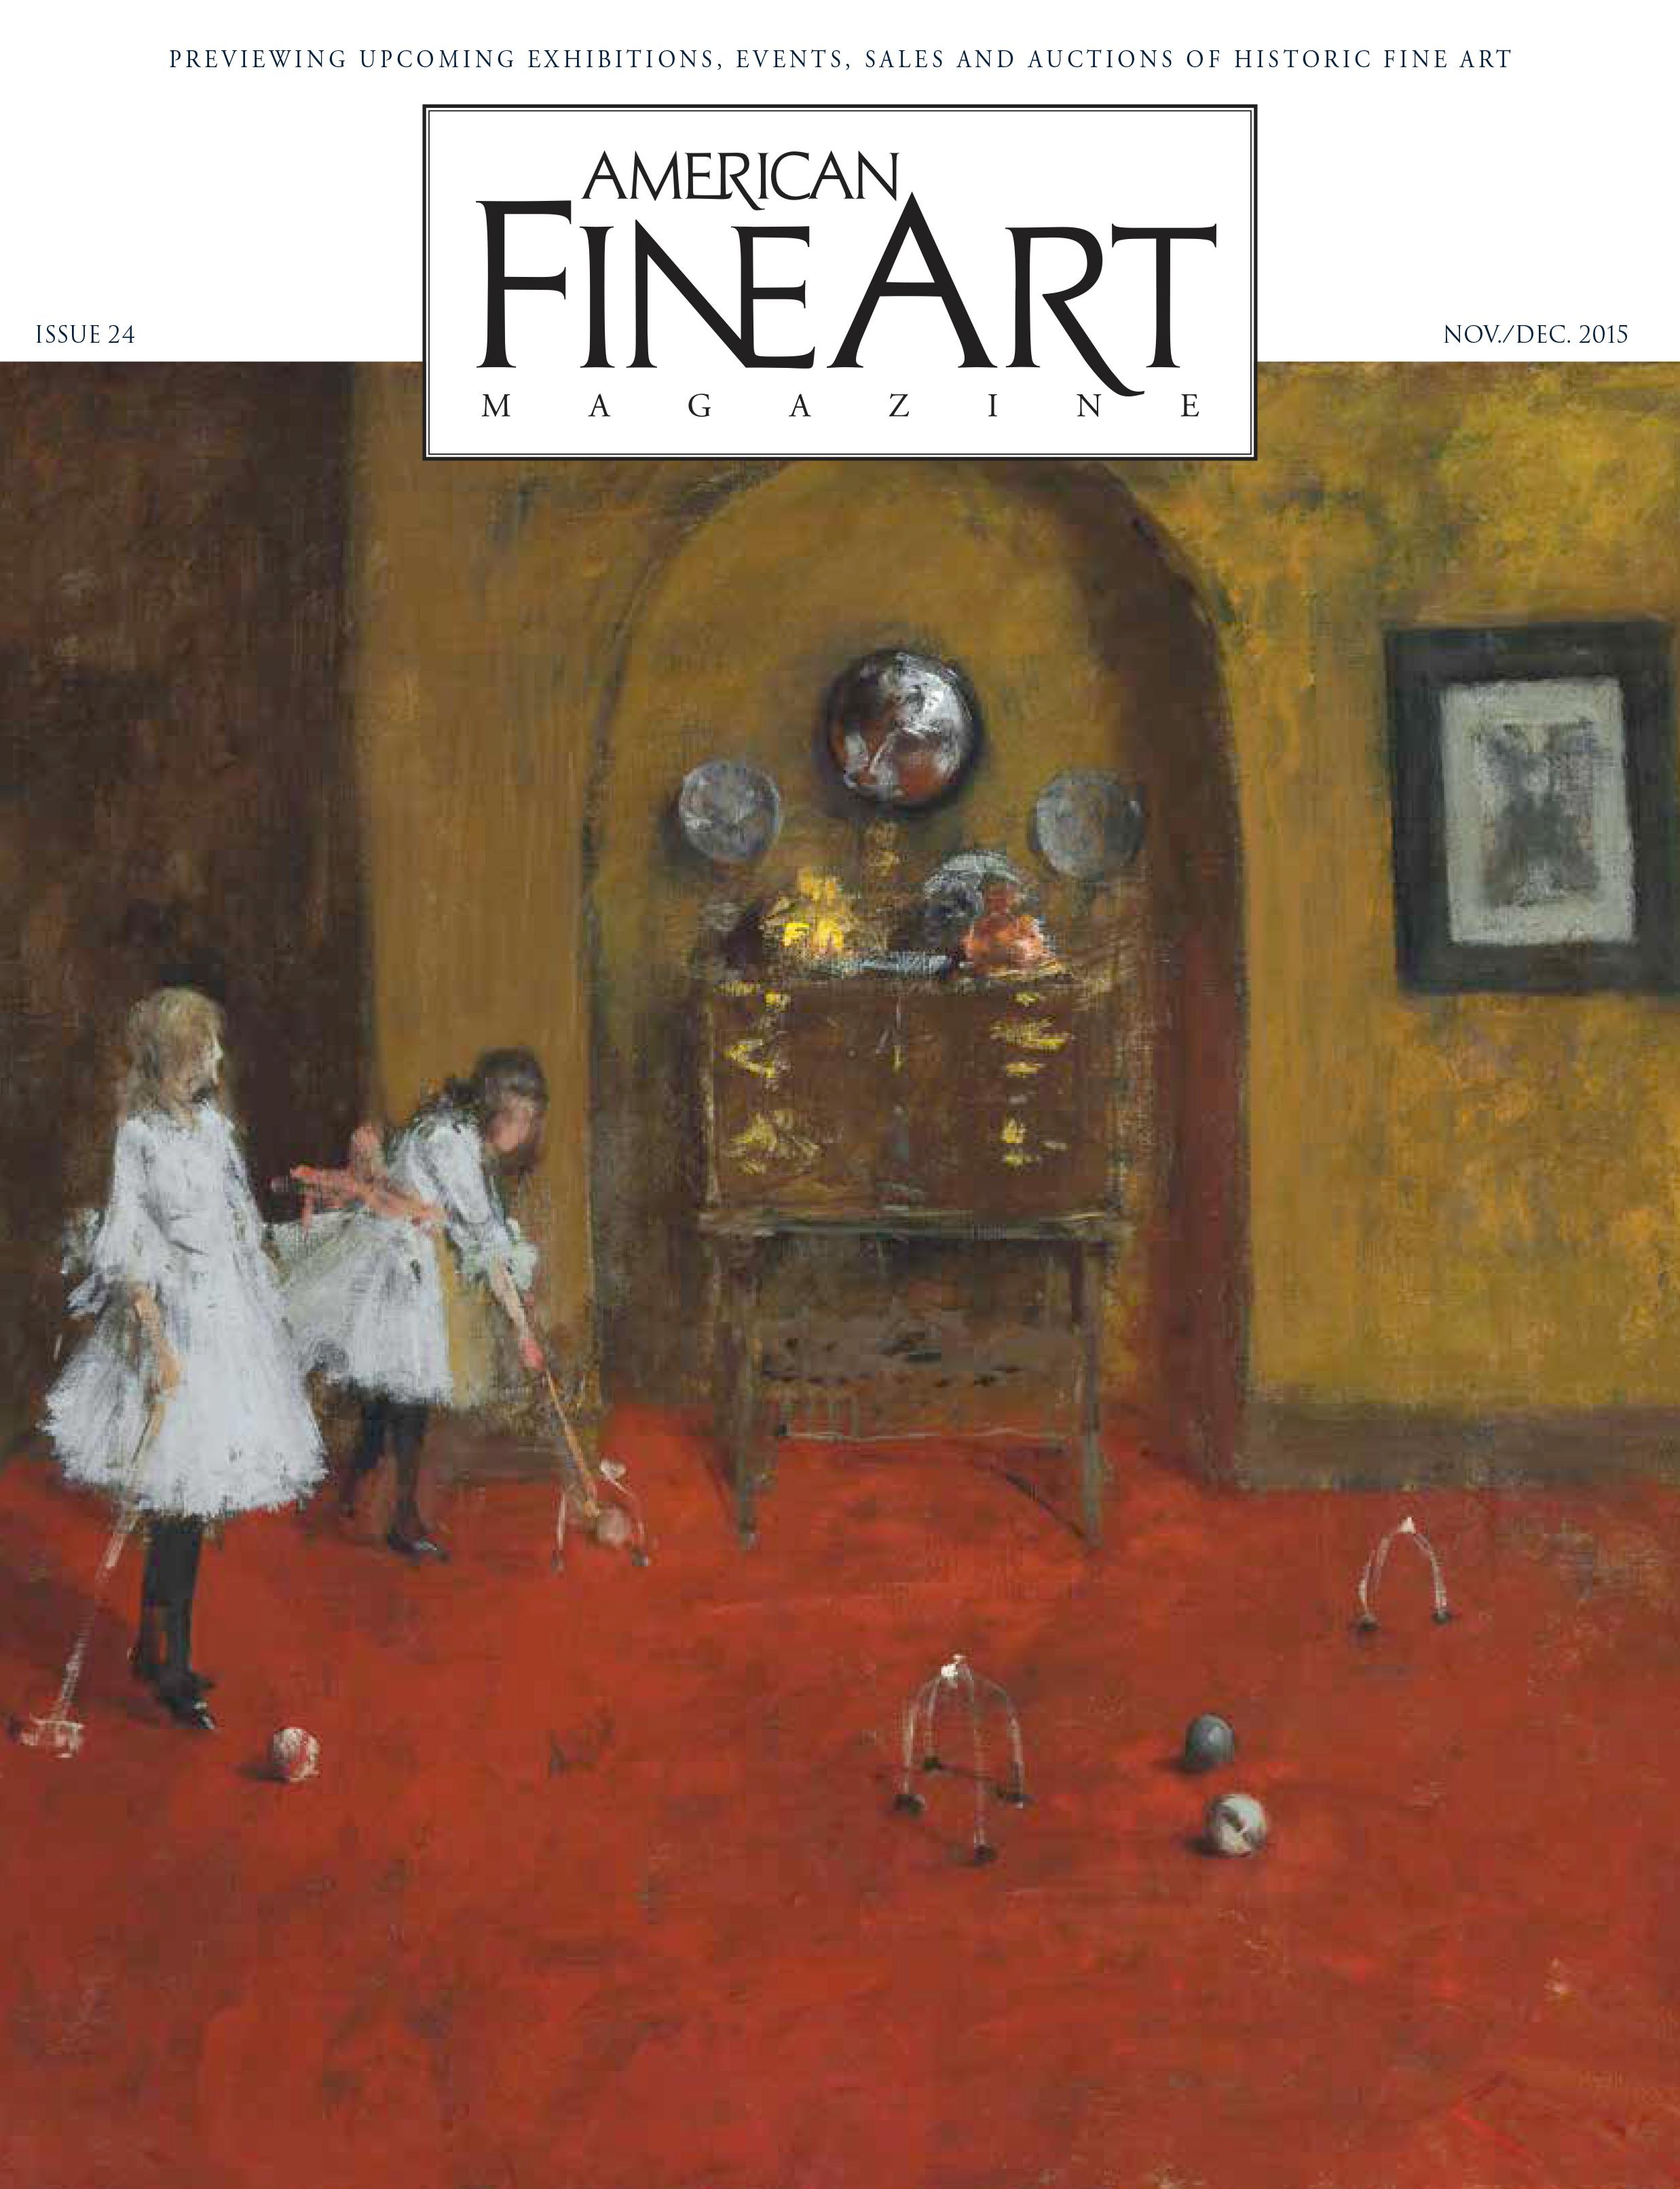 Am-Fine-Art-Cover-Oct15.jpg